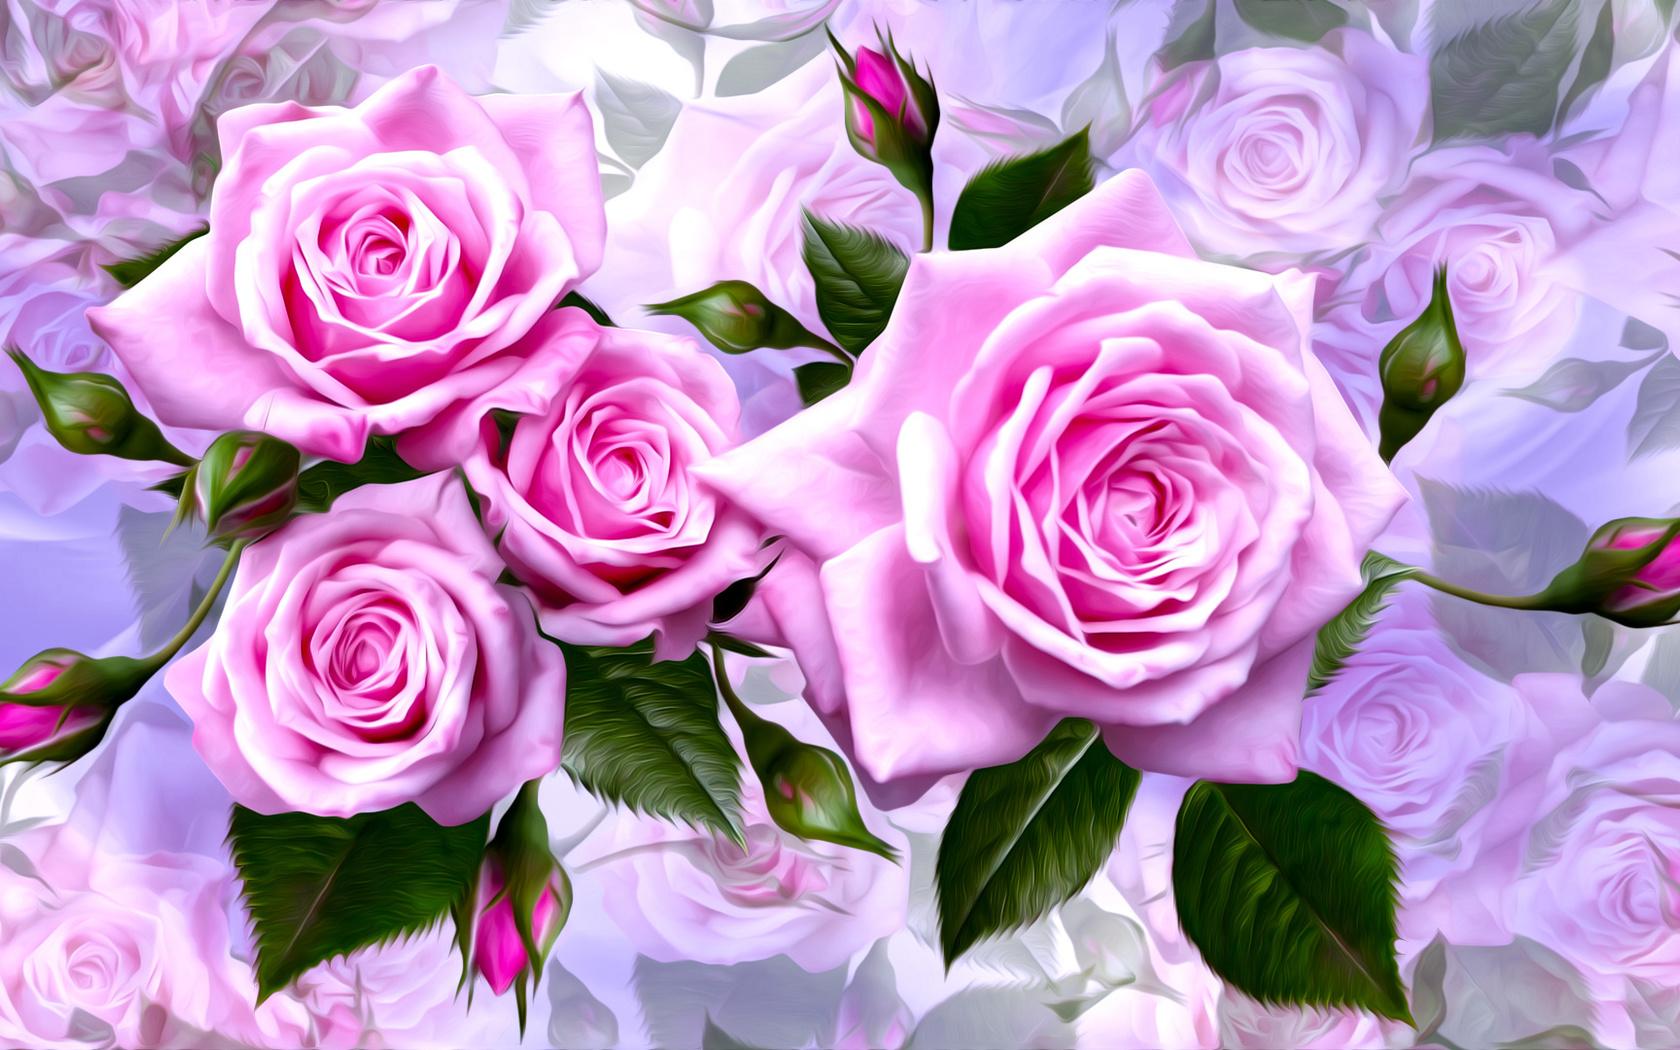 картинки на три экрана розы описанную